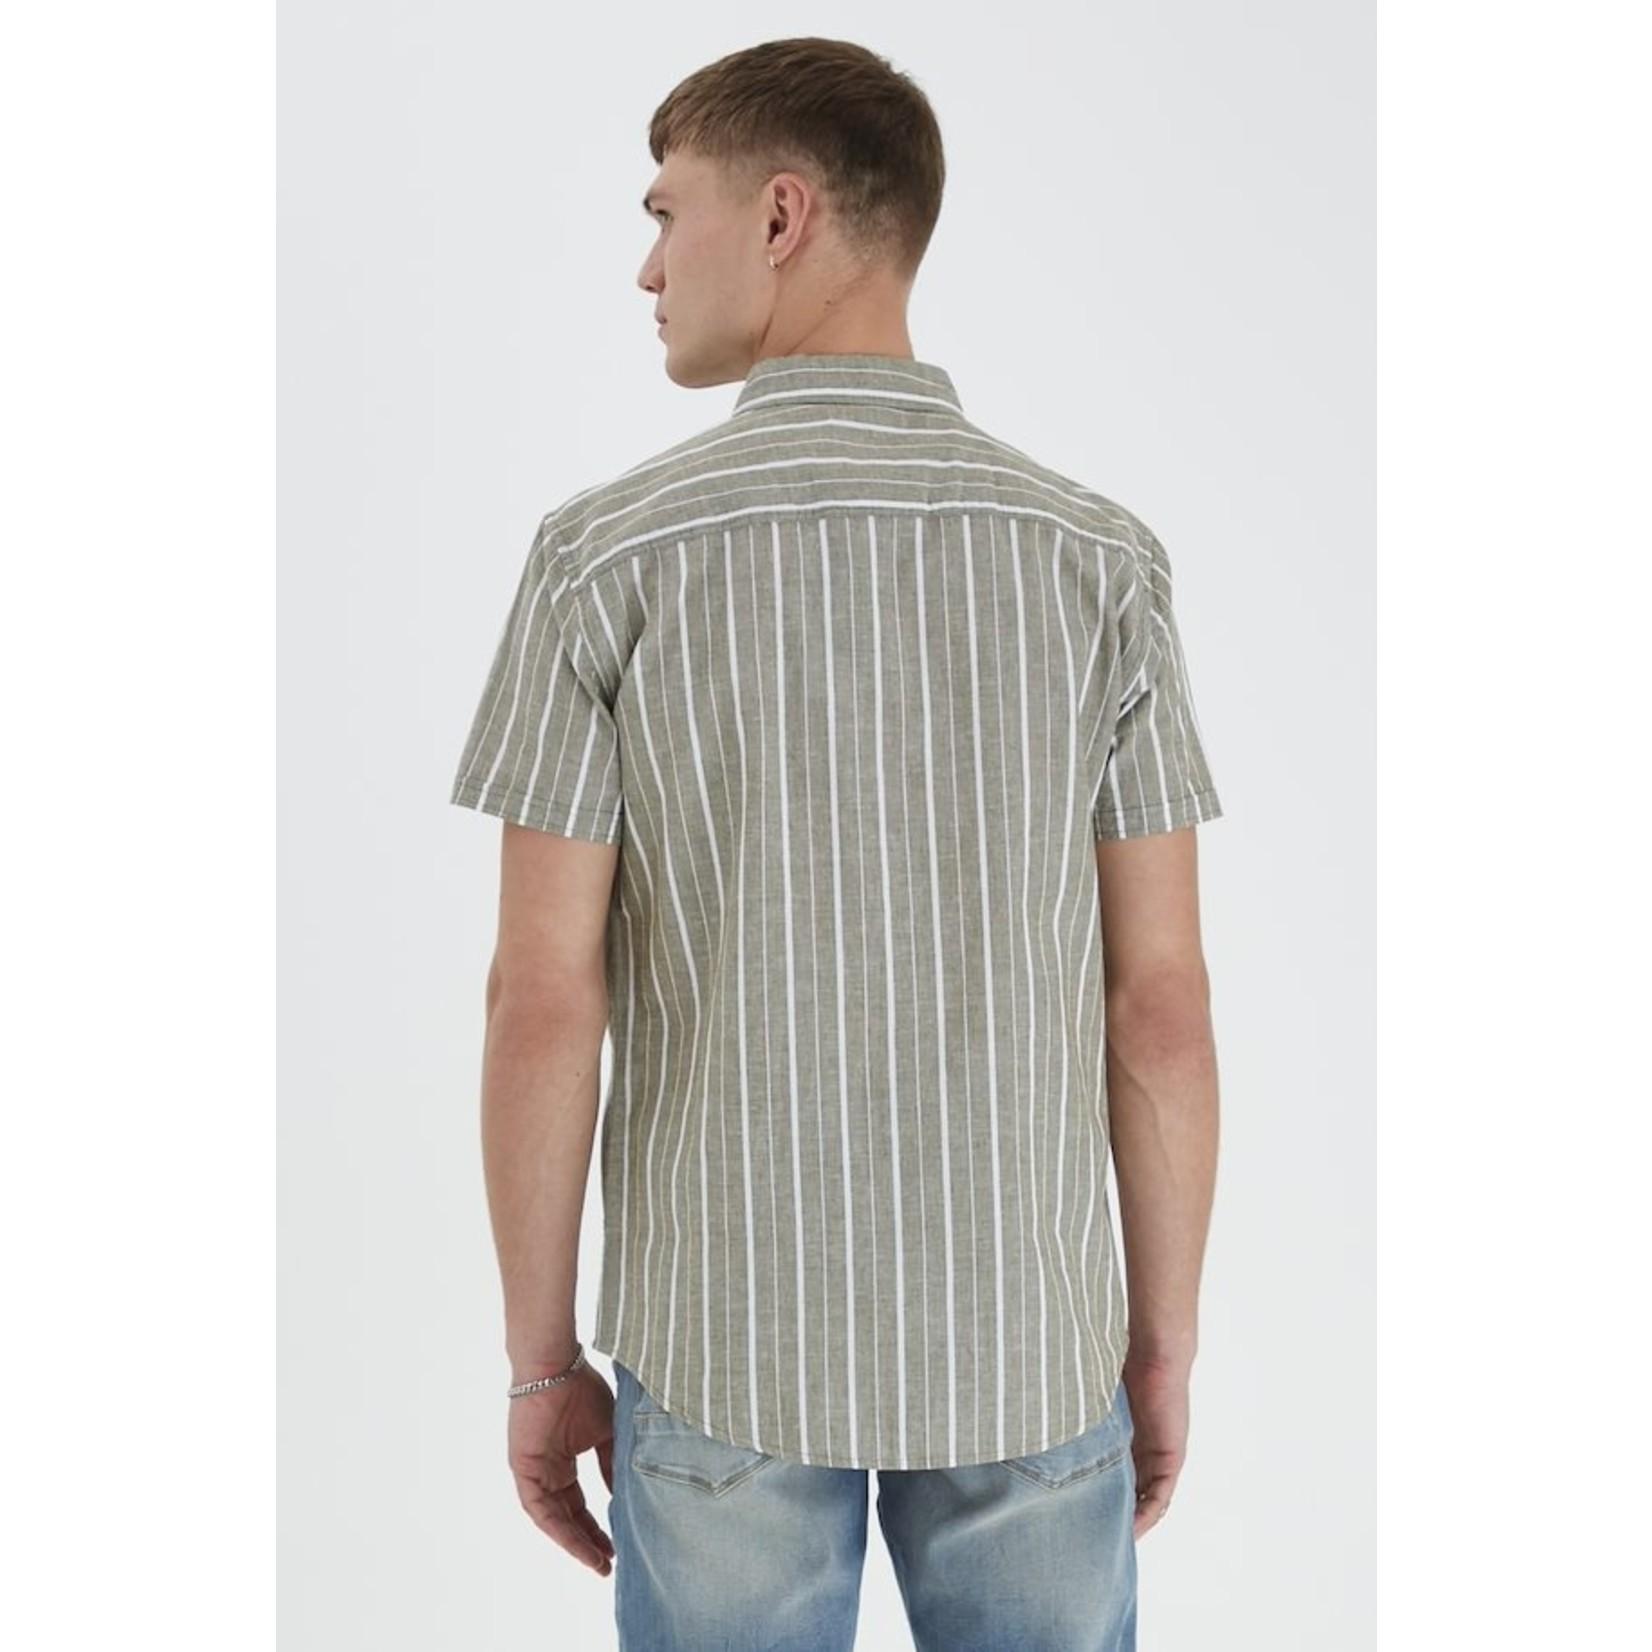 Blend Blend 20712173 Cotton/ Linen Short-Sleeve Shirt